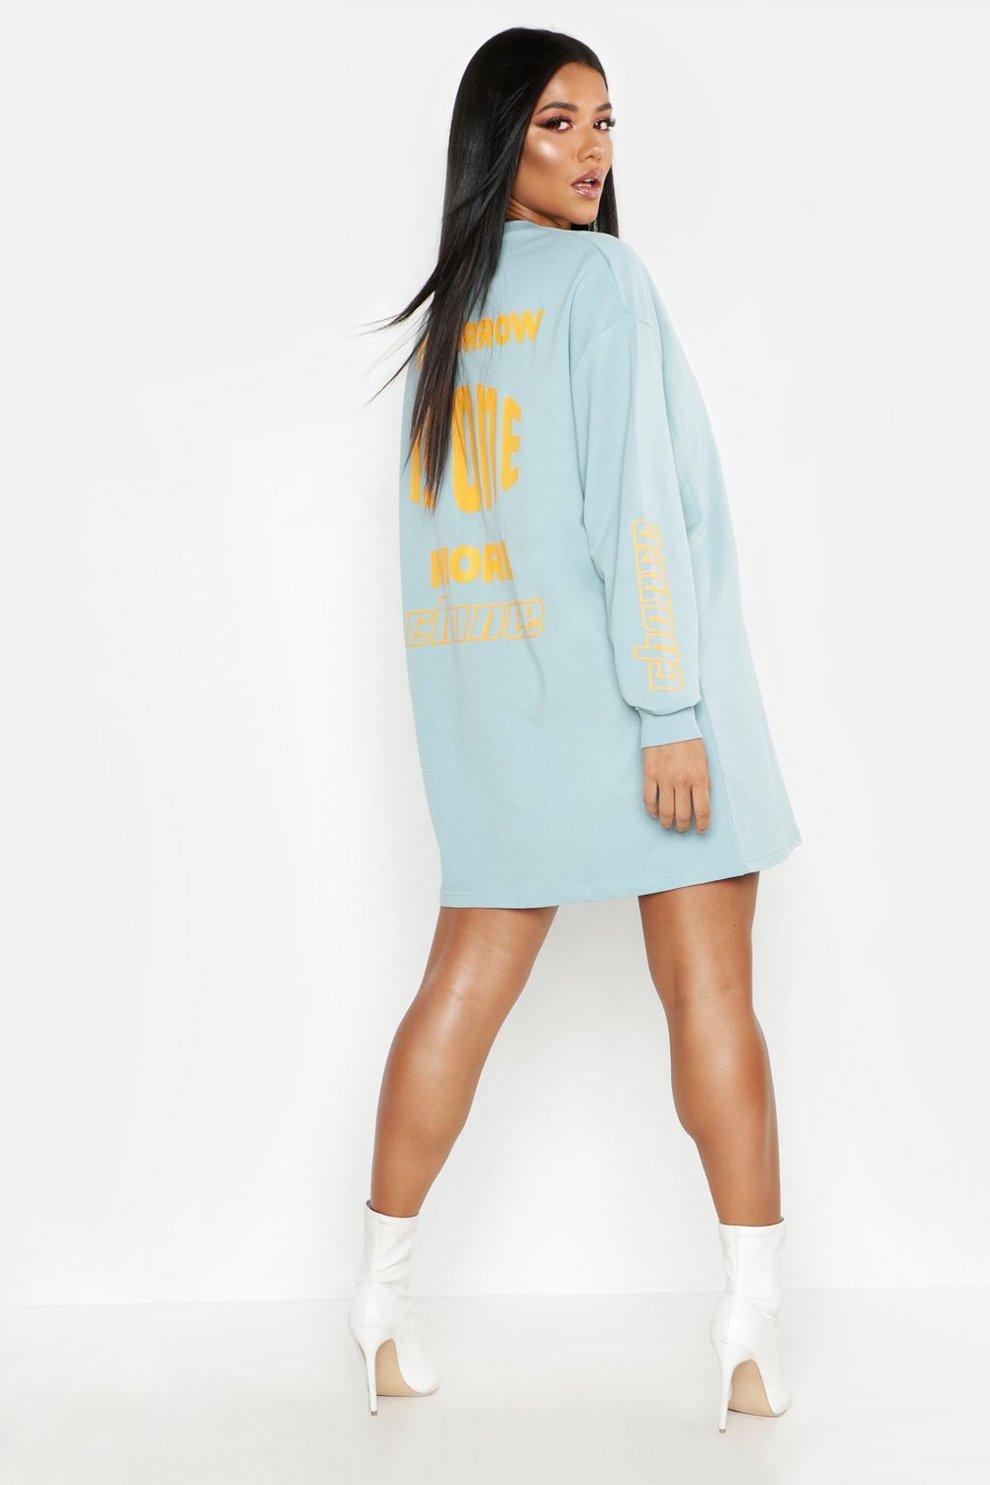 dernière conception professionnel de la vente à chaud qualité incroyable Robe sweat oversize imprimé One More Chance au dos | Boohoo